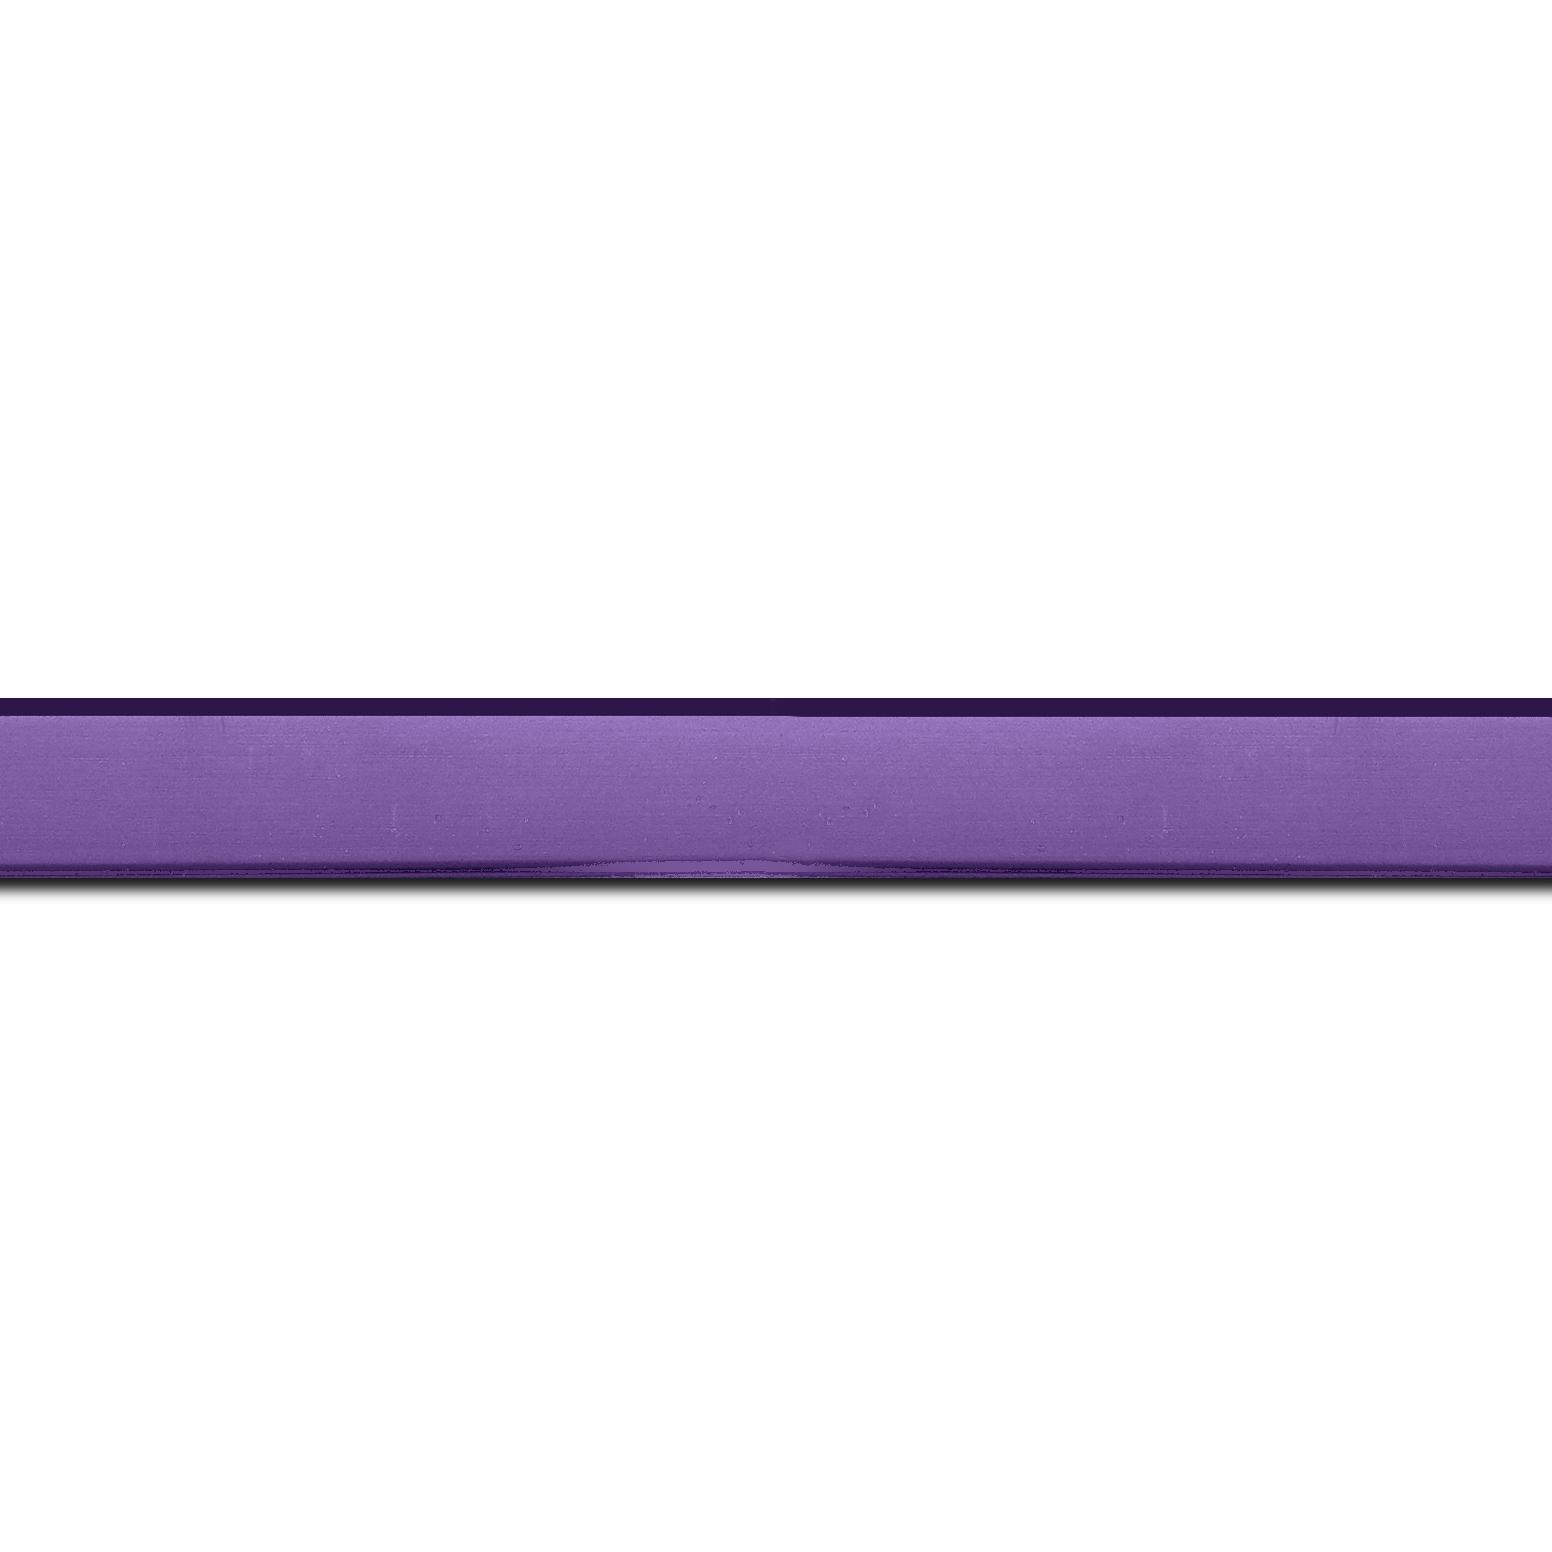 Pack par 12m, bois profil plat effet cube largeur 1.7cm couleur lavande satiné (longueur baguette pouvant varier entre 2.40m et 3m selon arrivage des bois)